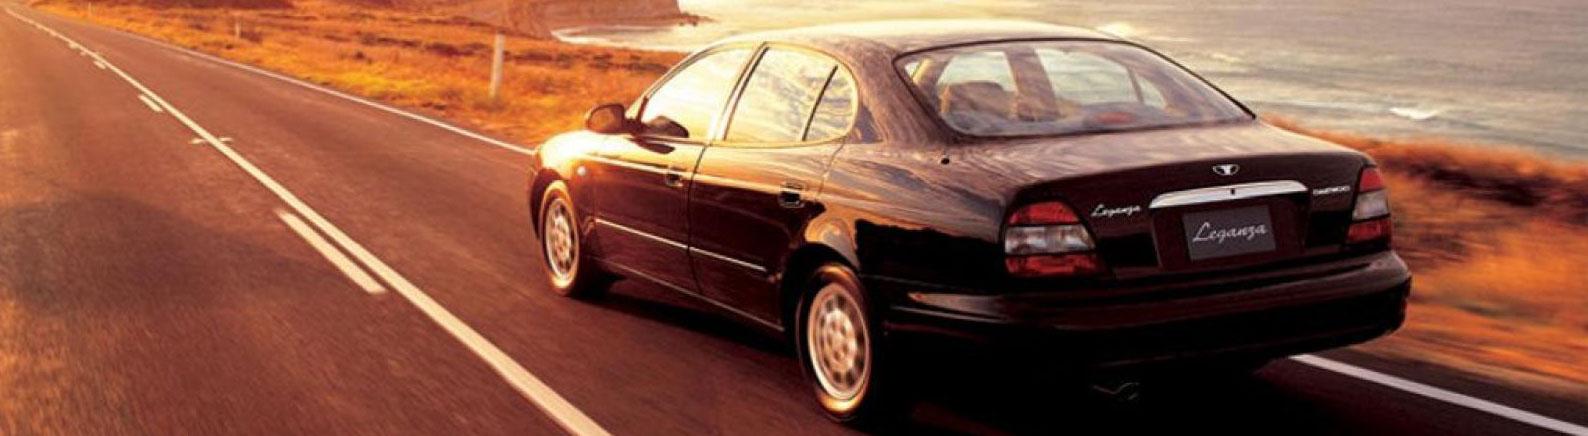 Цены на ремонт автомобиля ДЭУ (Daewoo) - АвтоСервис СарСТО